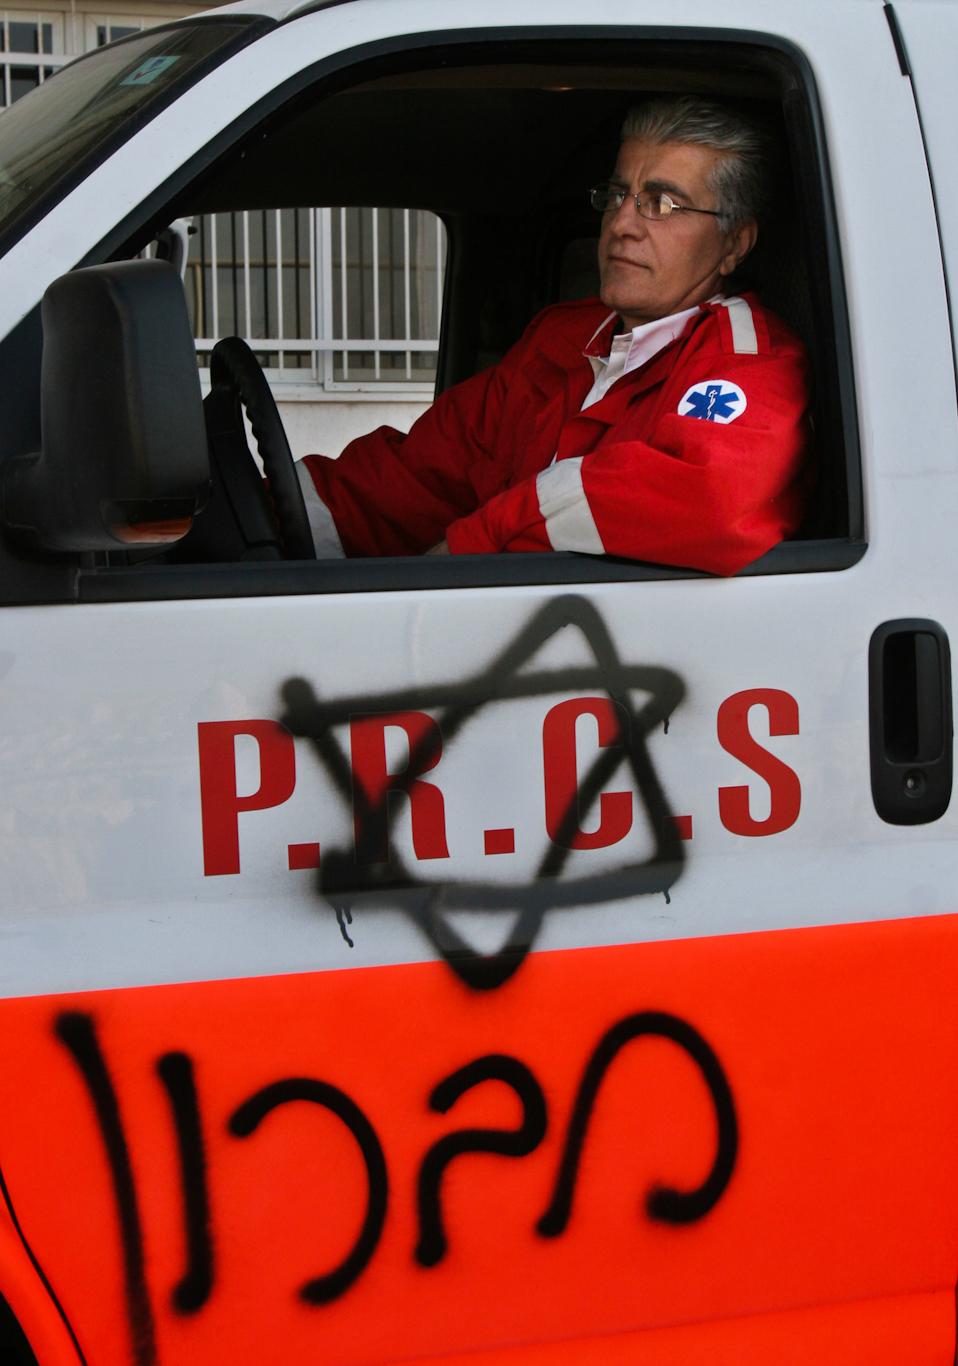 巴勒斯坦救护车